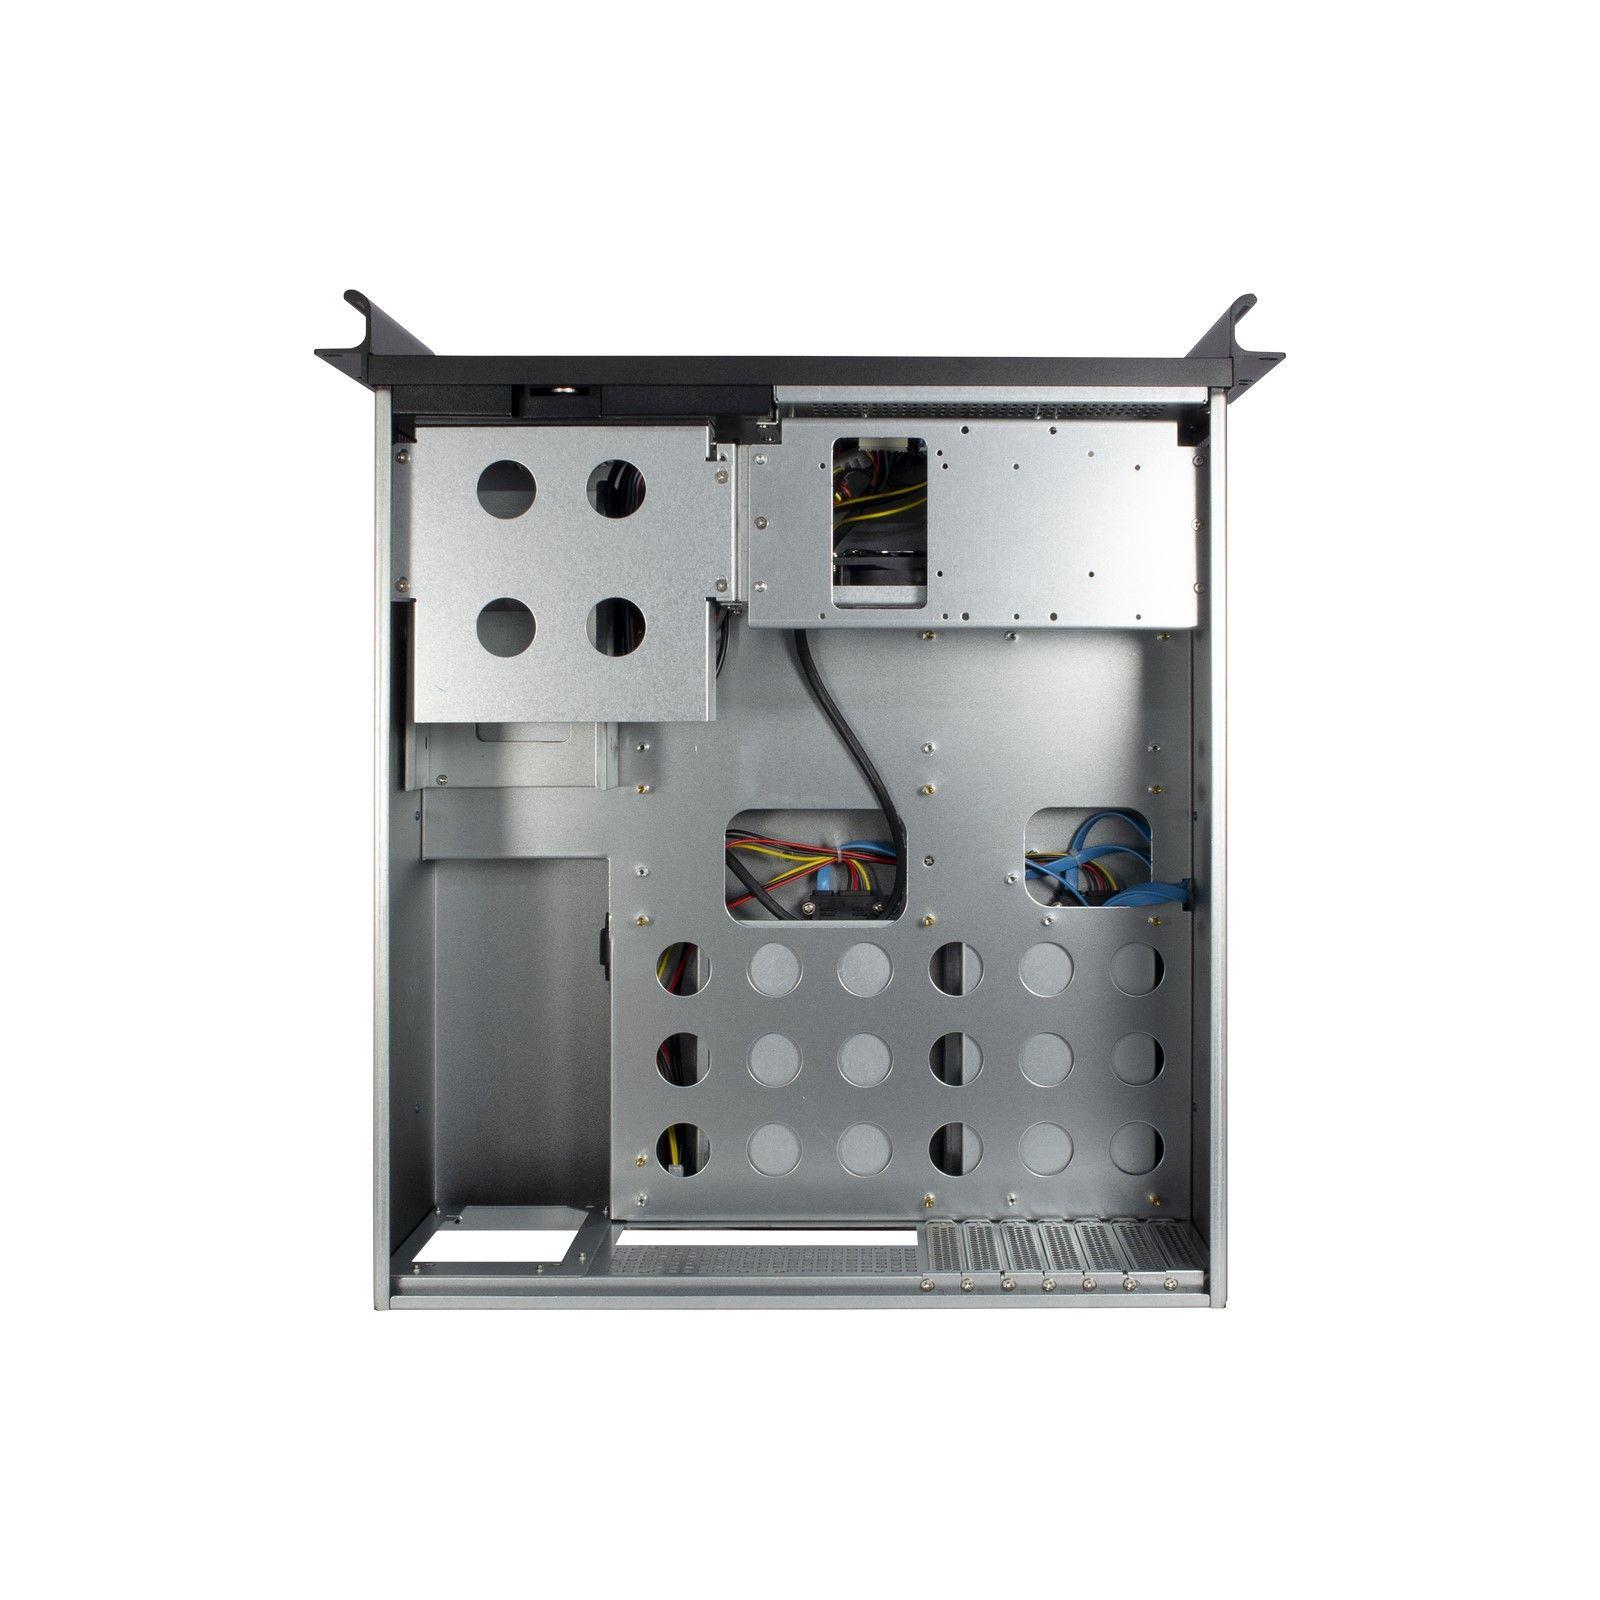 Корпус для сервера Inter-Tech 4U-4450 (456562) изображение 5